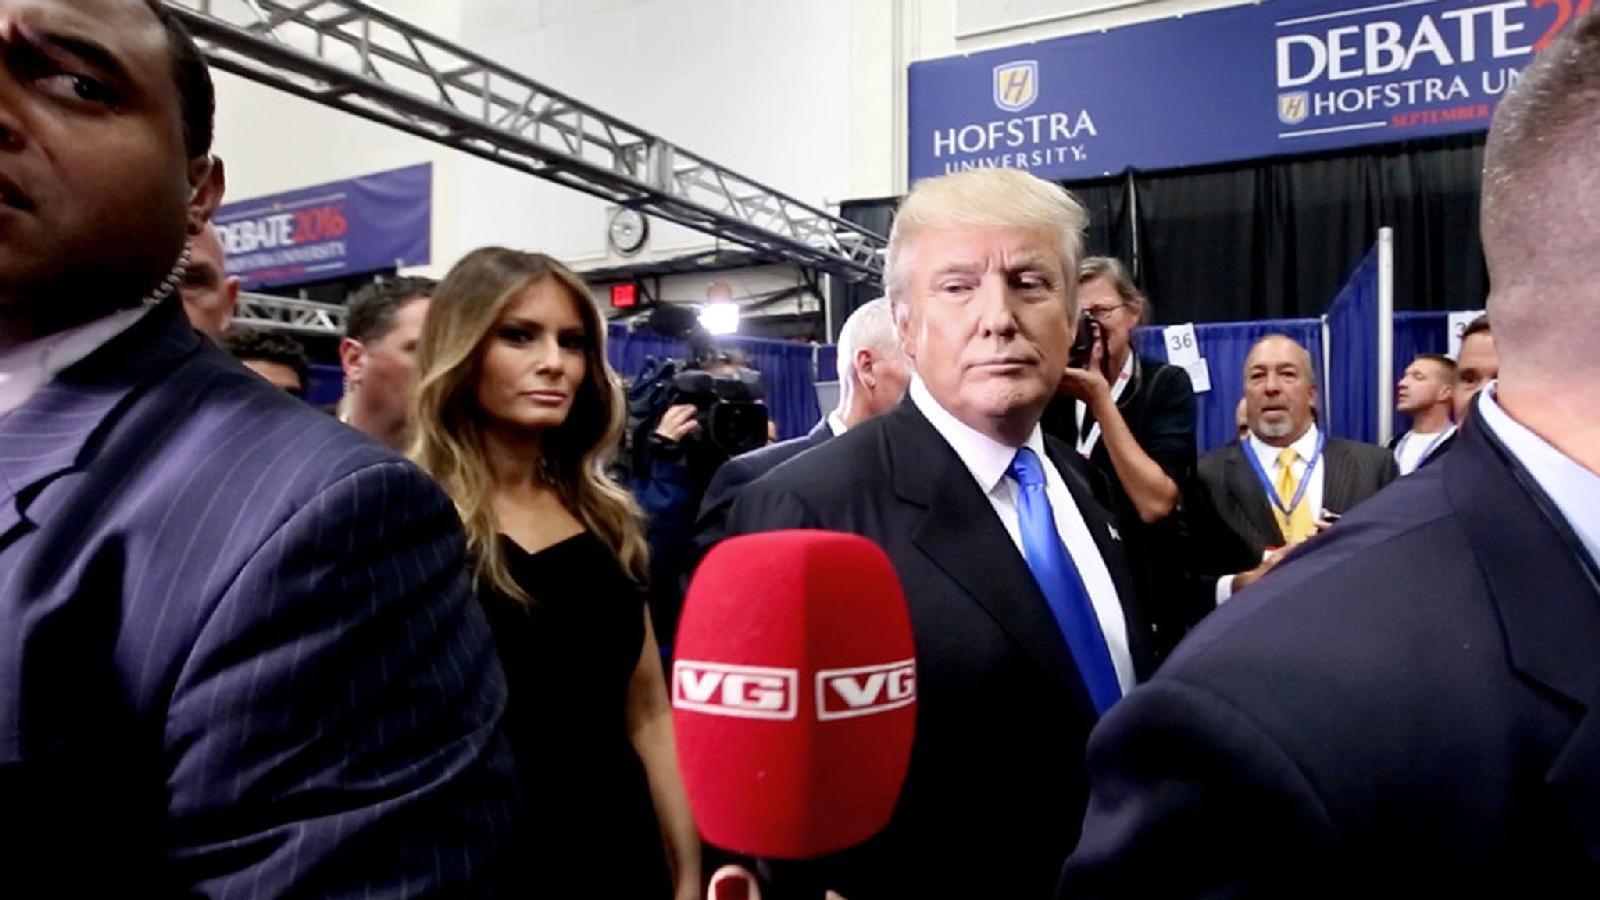 Поскольку телеканал — часть новостного бренда VG, в приоритете у него всегда будут новостные материалы